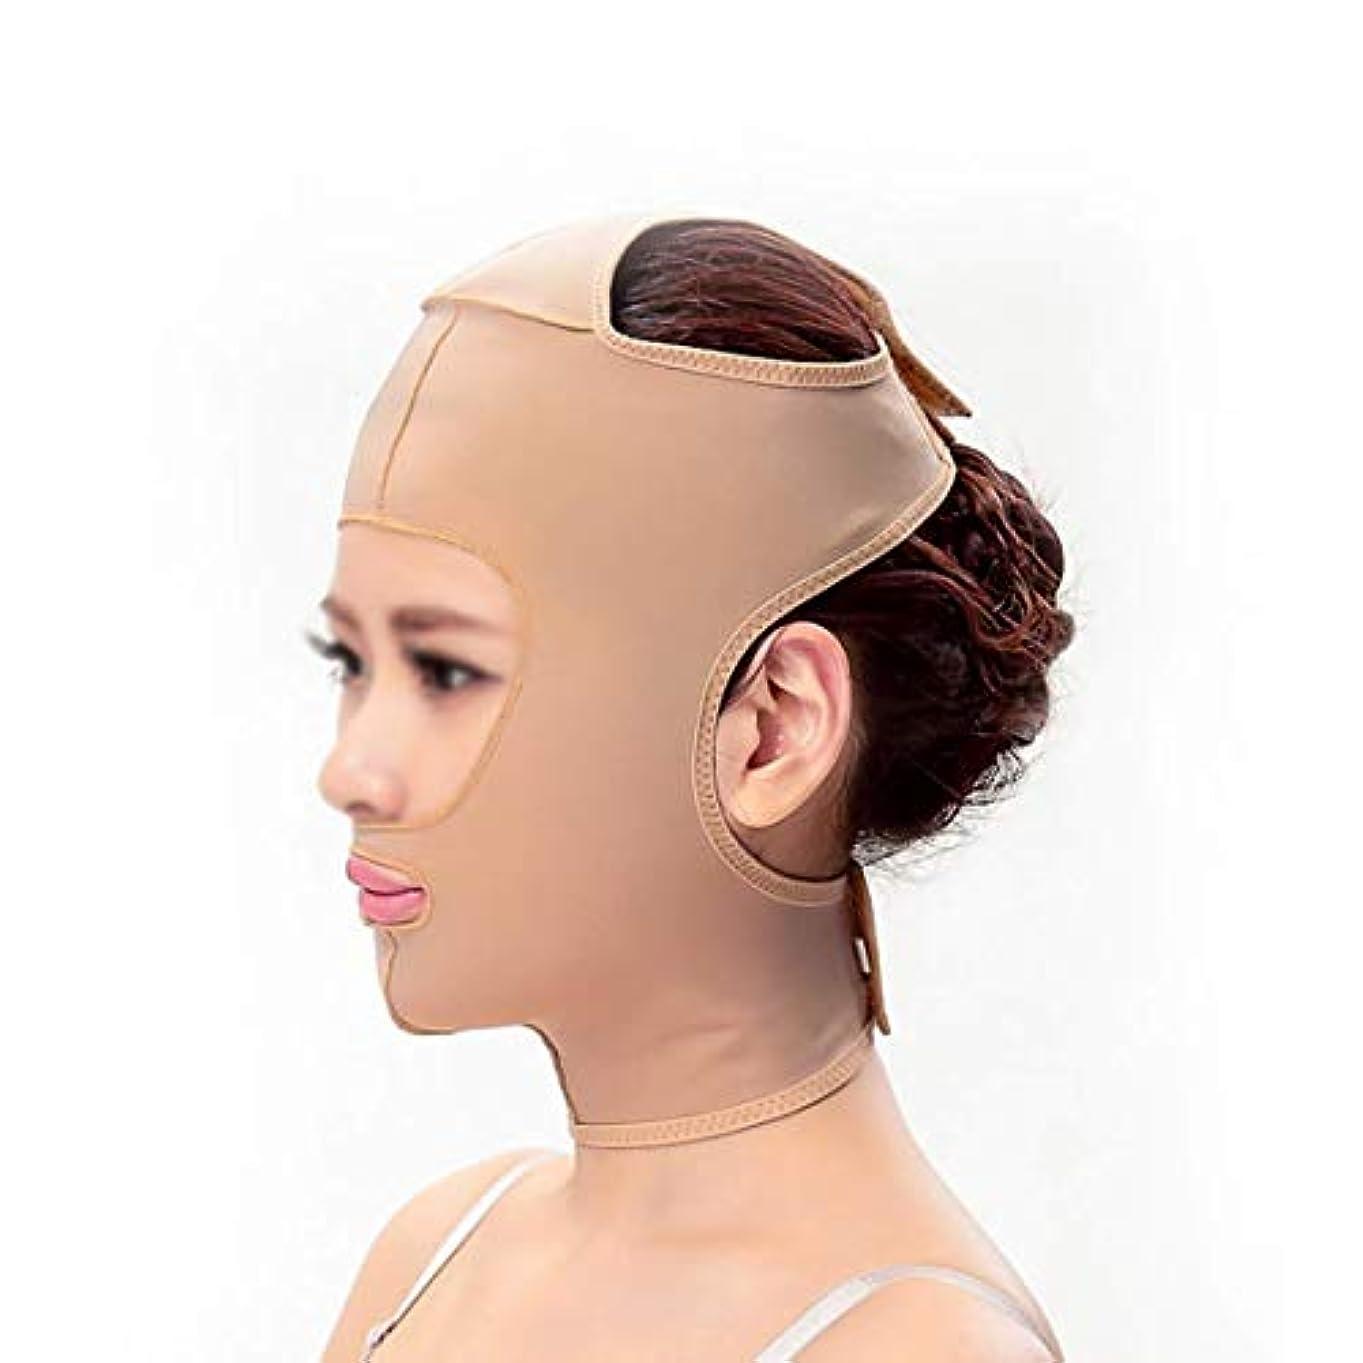 十分ですダメージオンスリミングベルト、二重あごの引き締め顔面プラスチックフェイスアーティファクト強力なフェイスバンデージをサイズアップするために顔面マスクシンフェイスマスク,ザ?